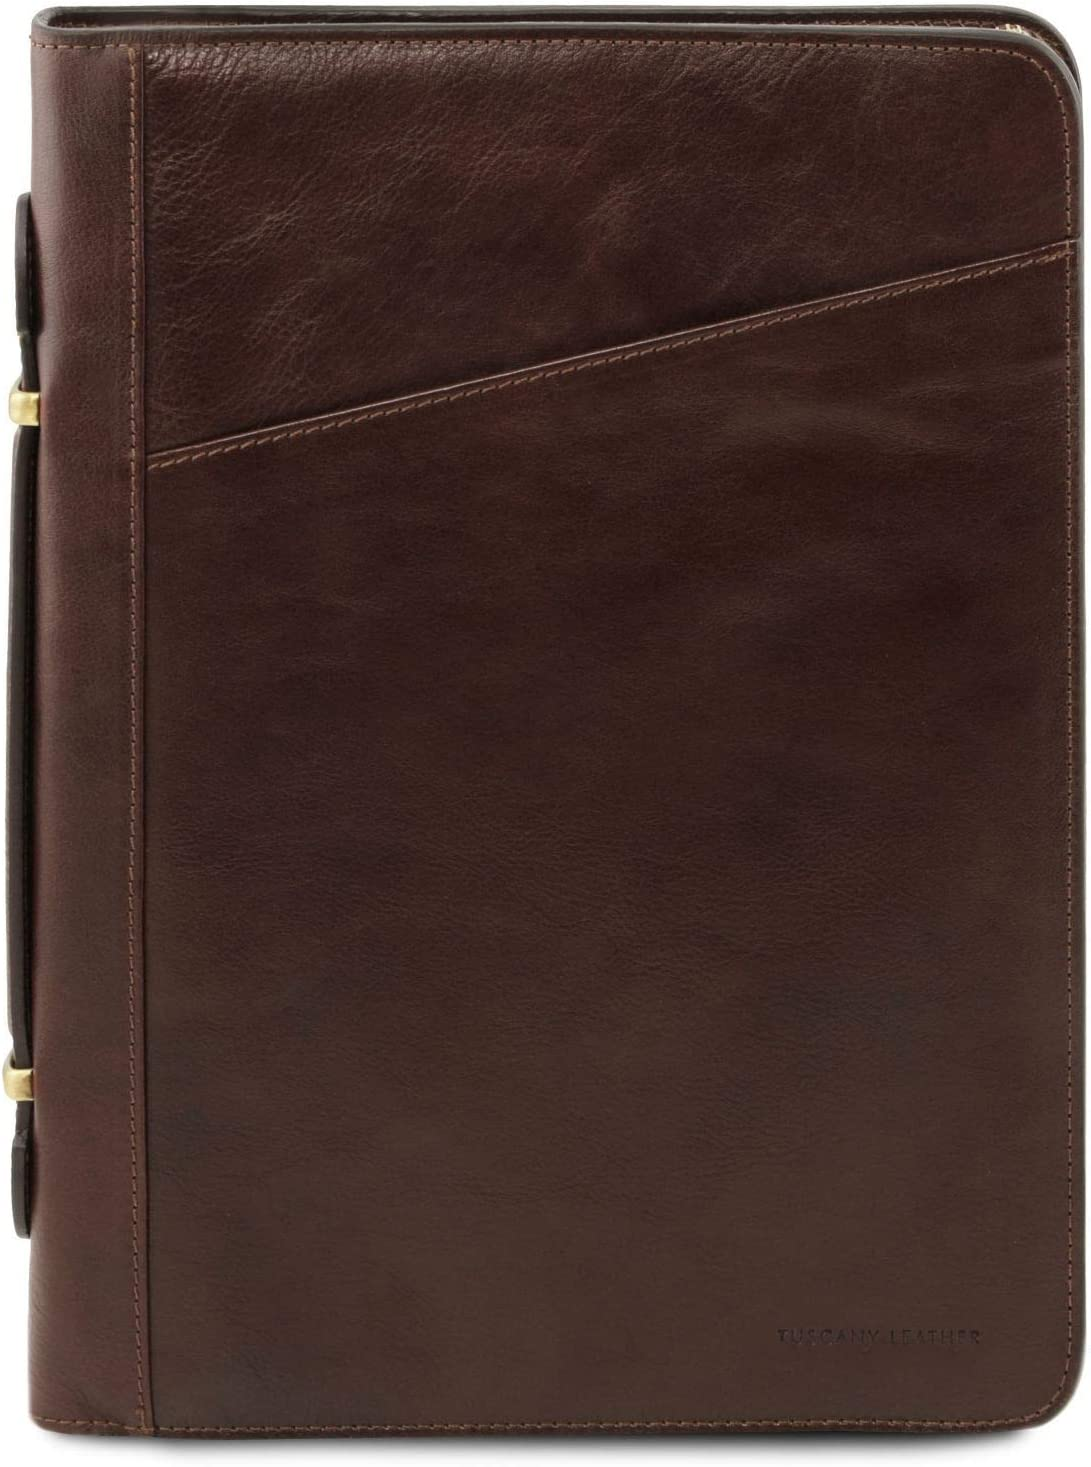 Tuscany Leather Costanzo Portadocumentos Elegante en Piel Marrón Oscuro